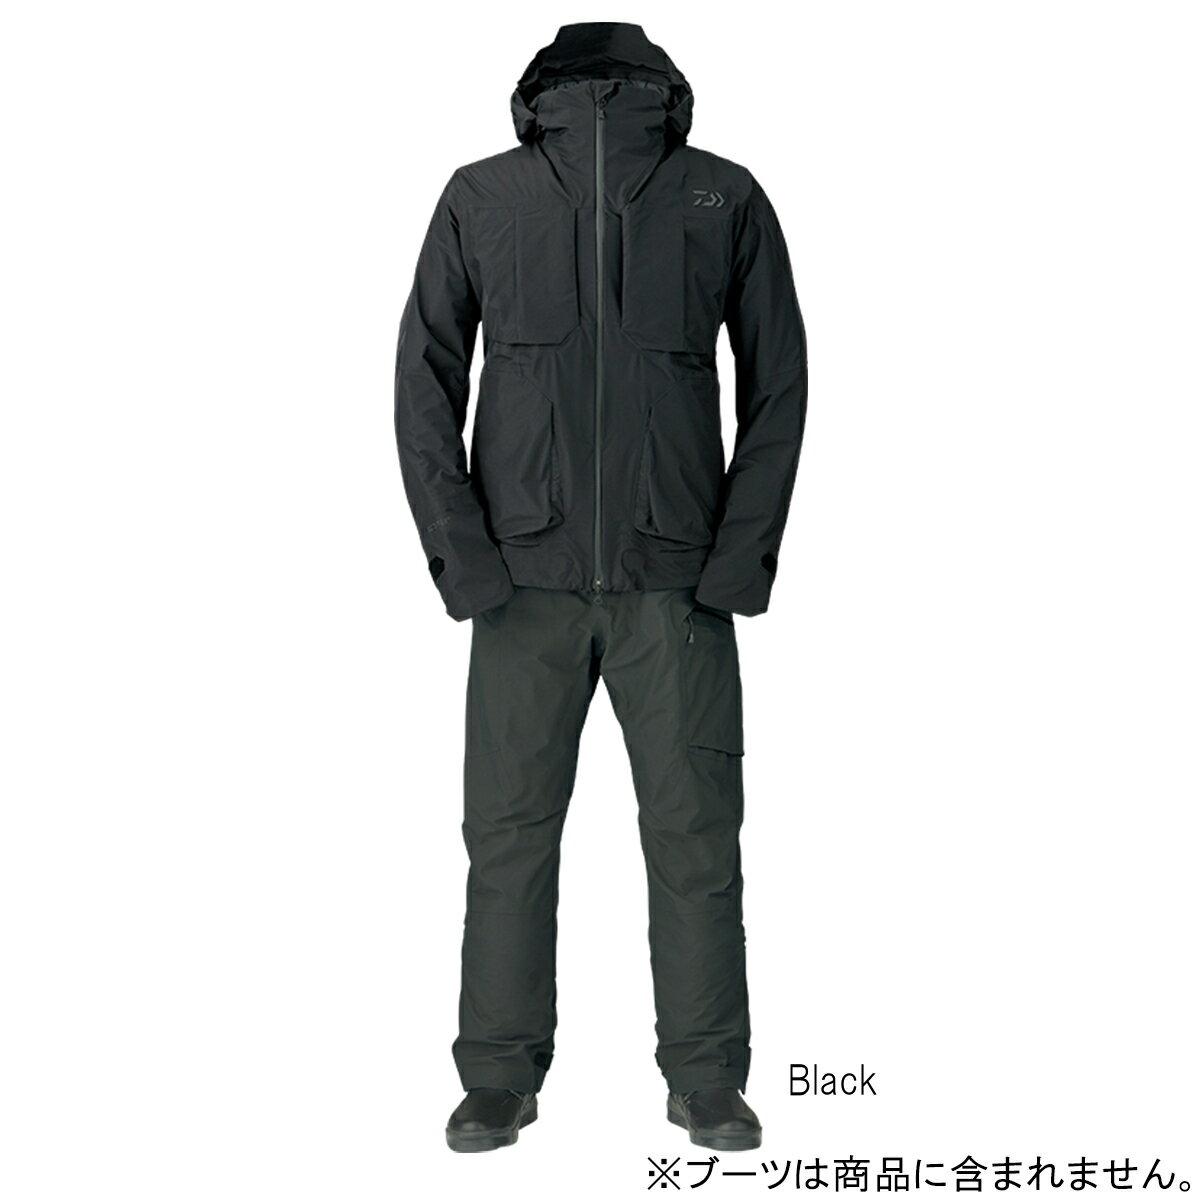 ダイワ ゴアテックス プロダクト ウィンタースーツ DW-1207 M Black